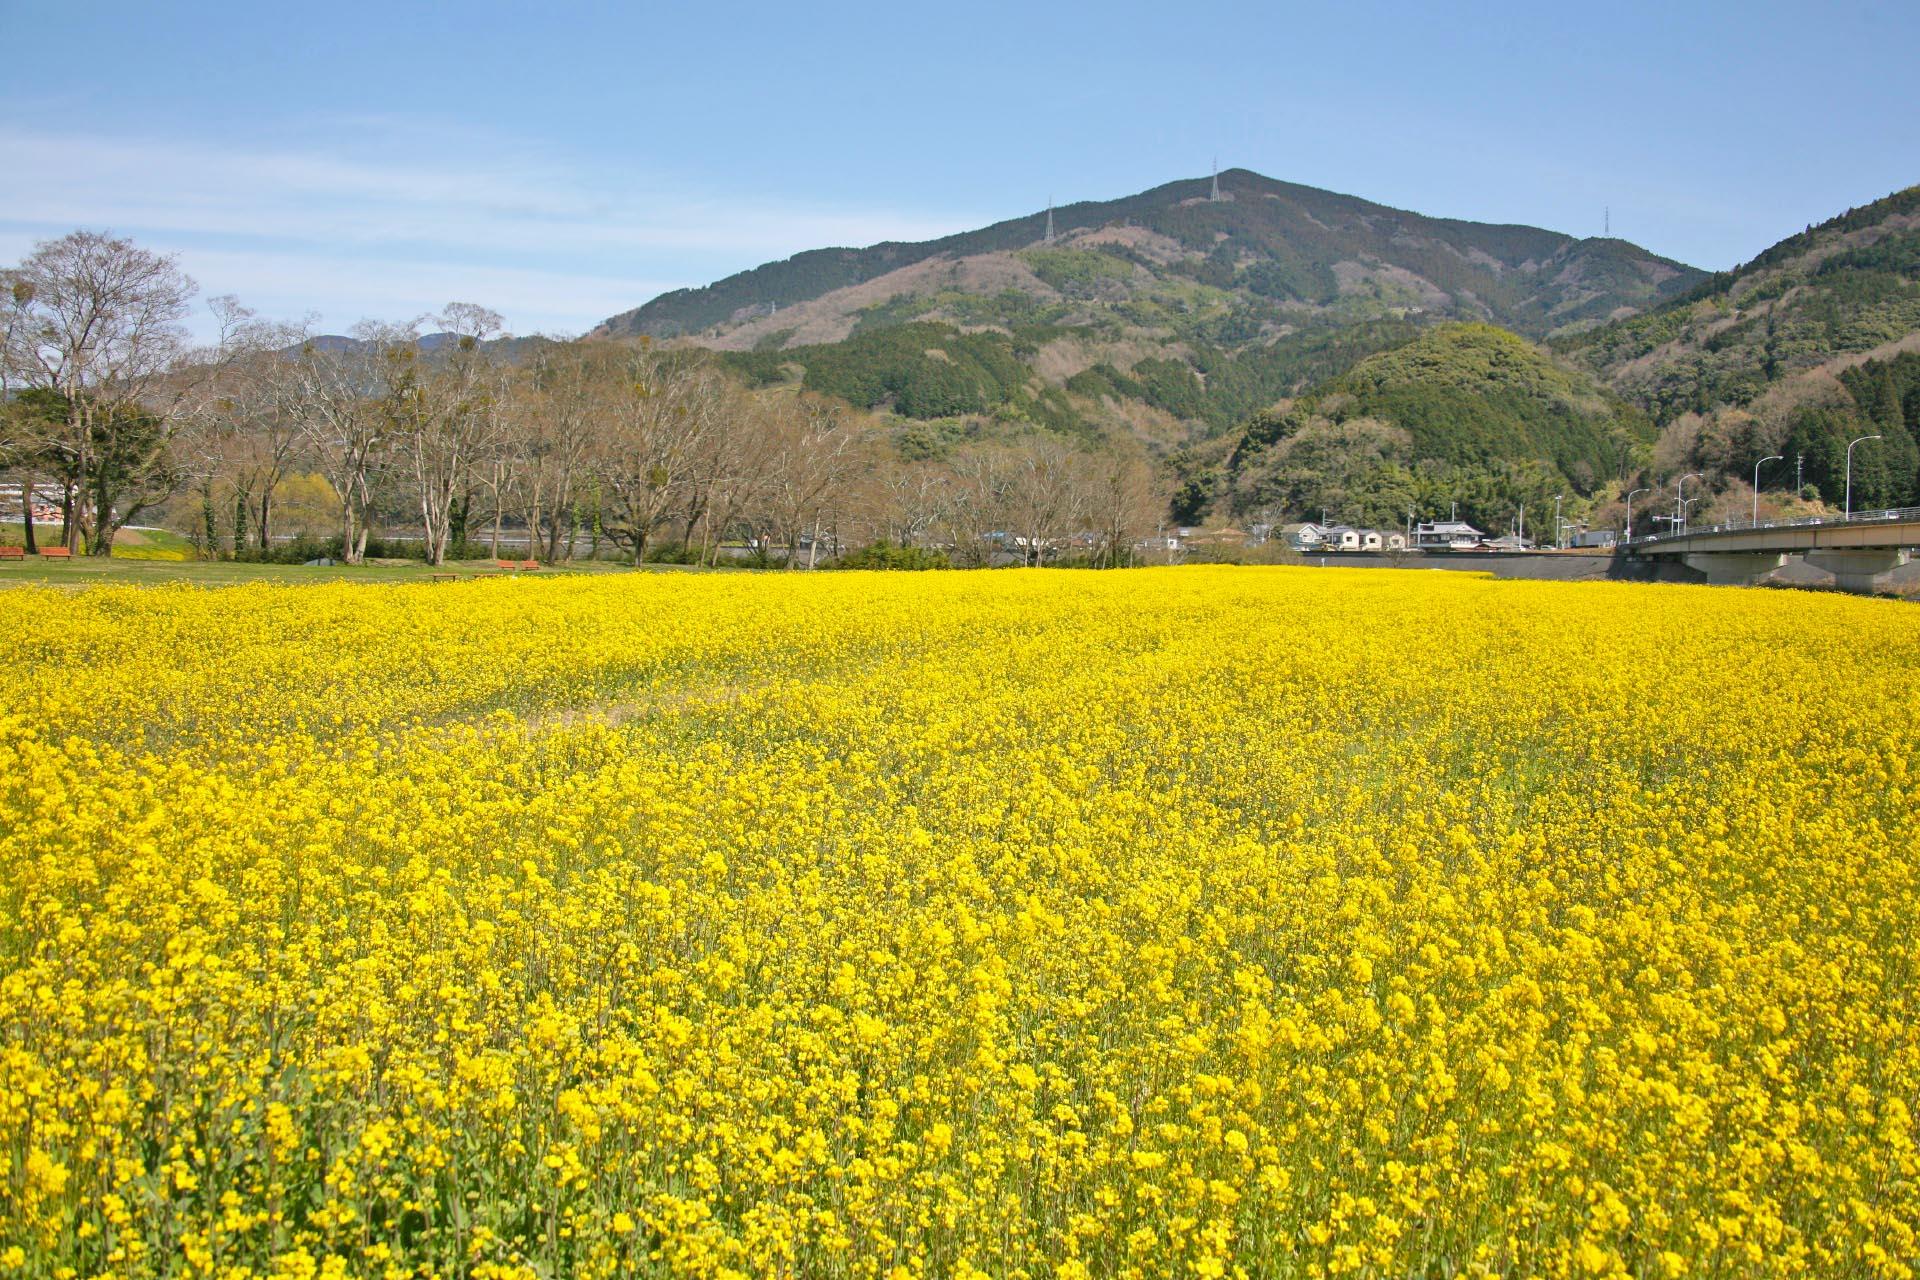 春の大洲 菜の花の風景 愛媛の風景